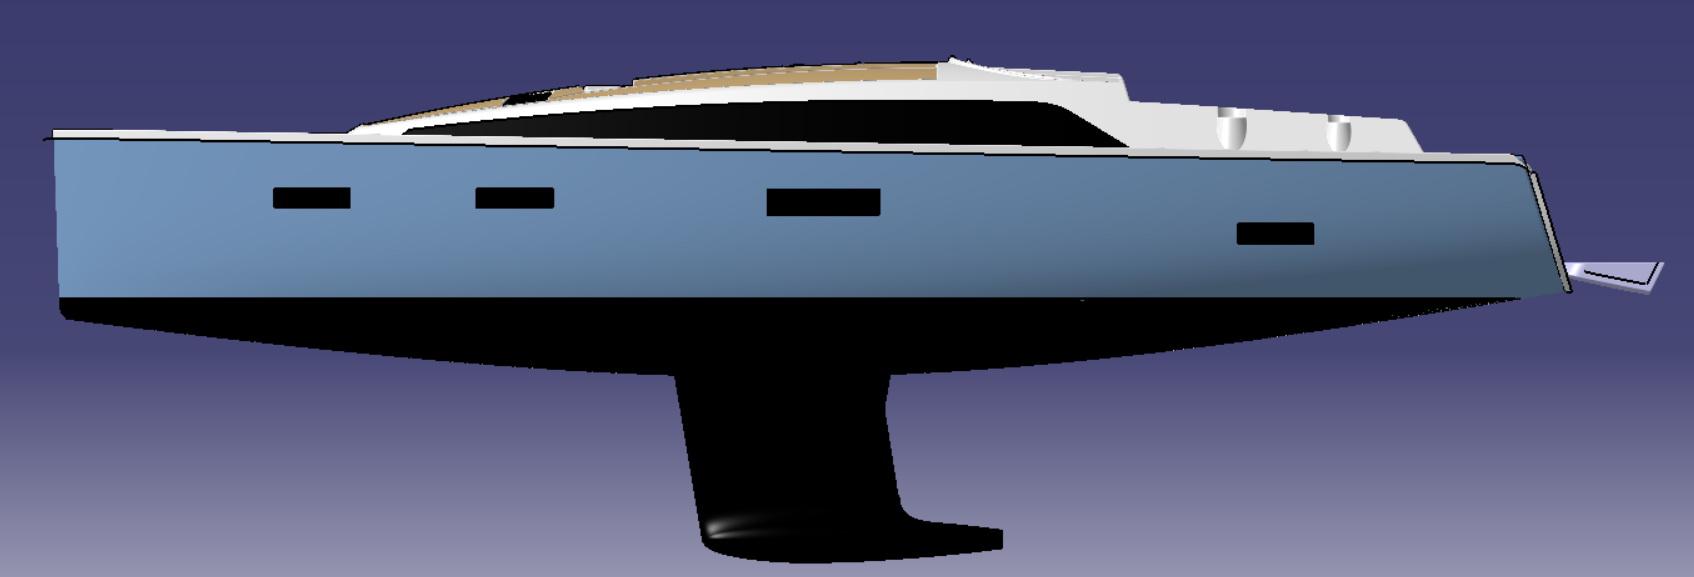 kufner-385-1